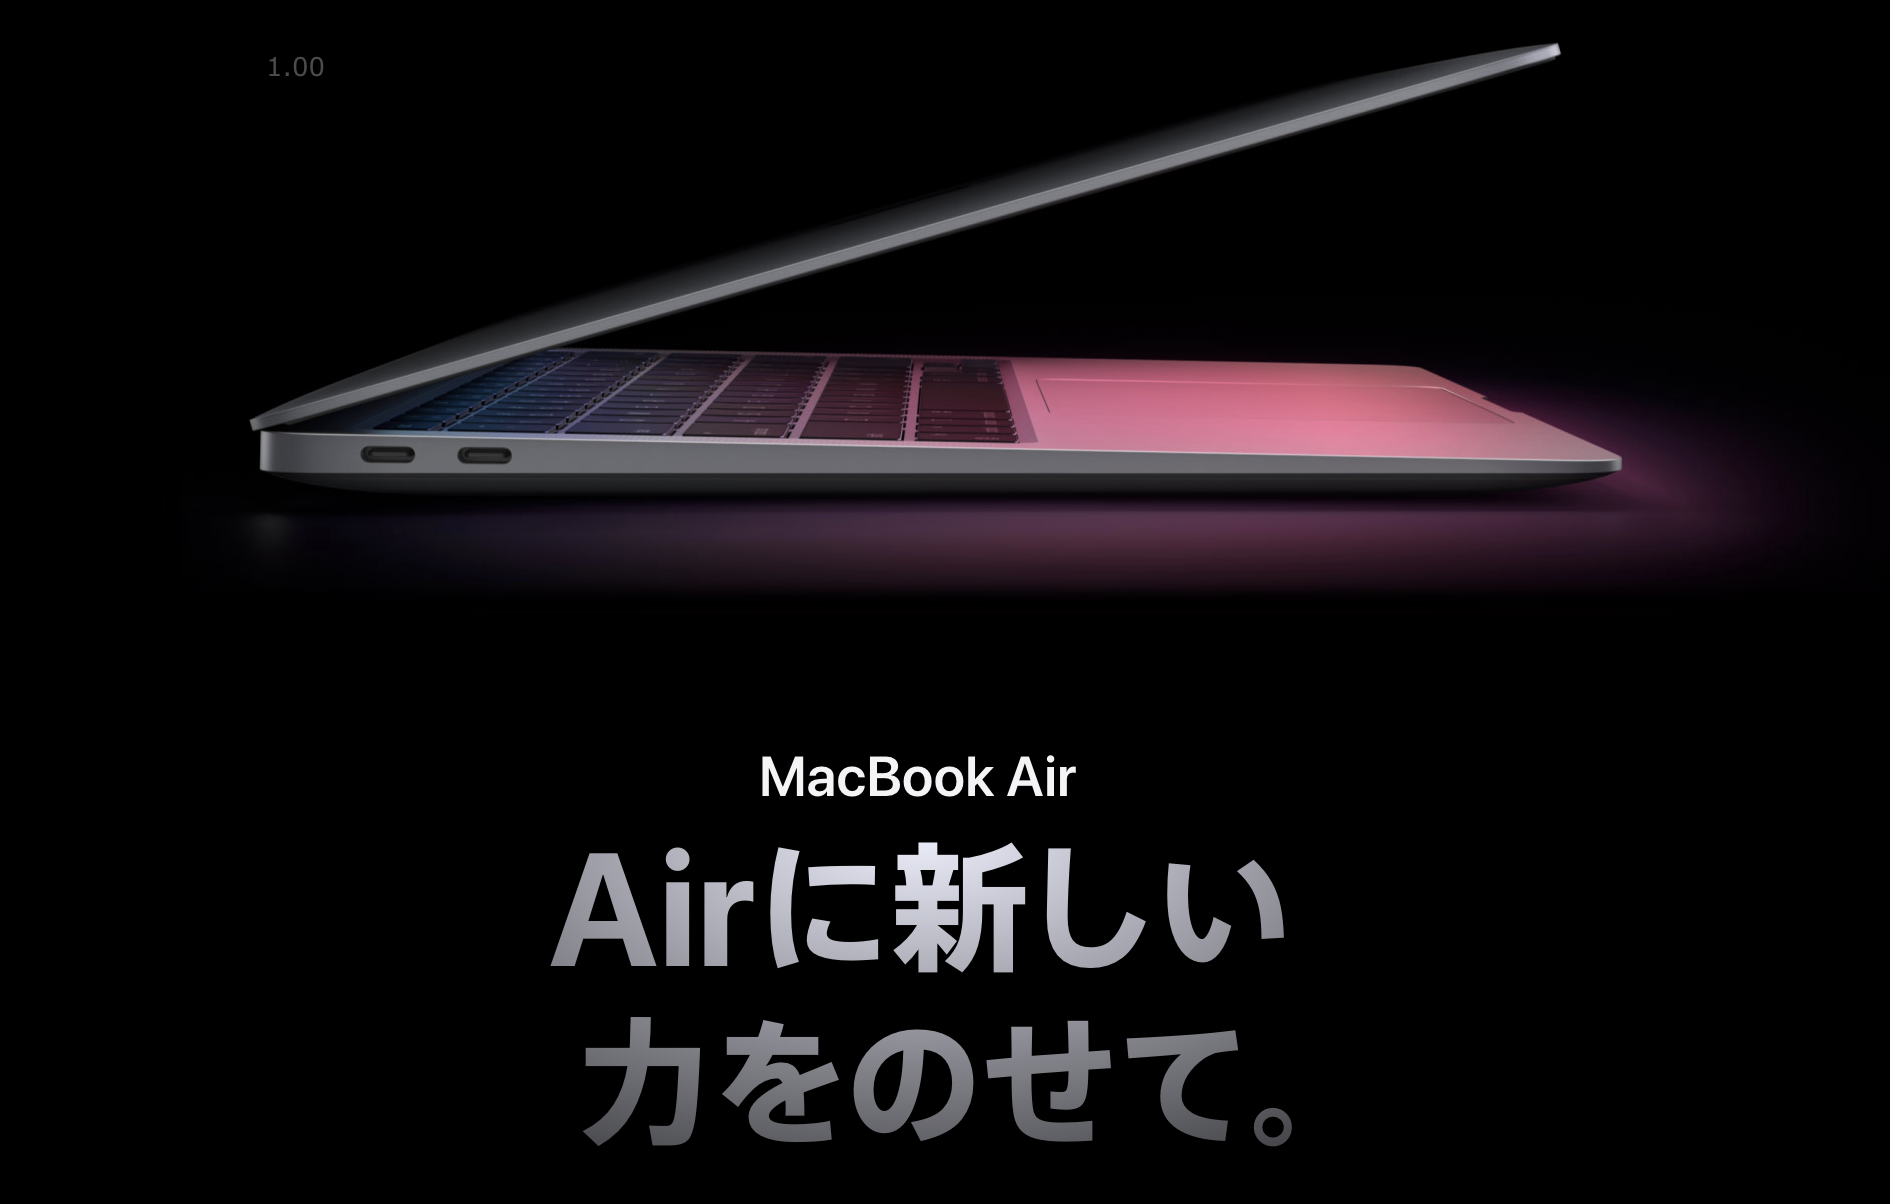 2021年最新MacBook Airの発売日・価格!歴代モデルとスペック比較・Proとの違い